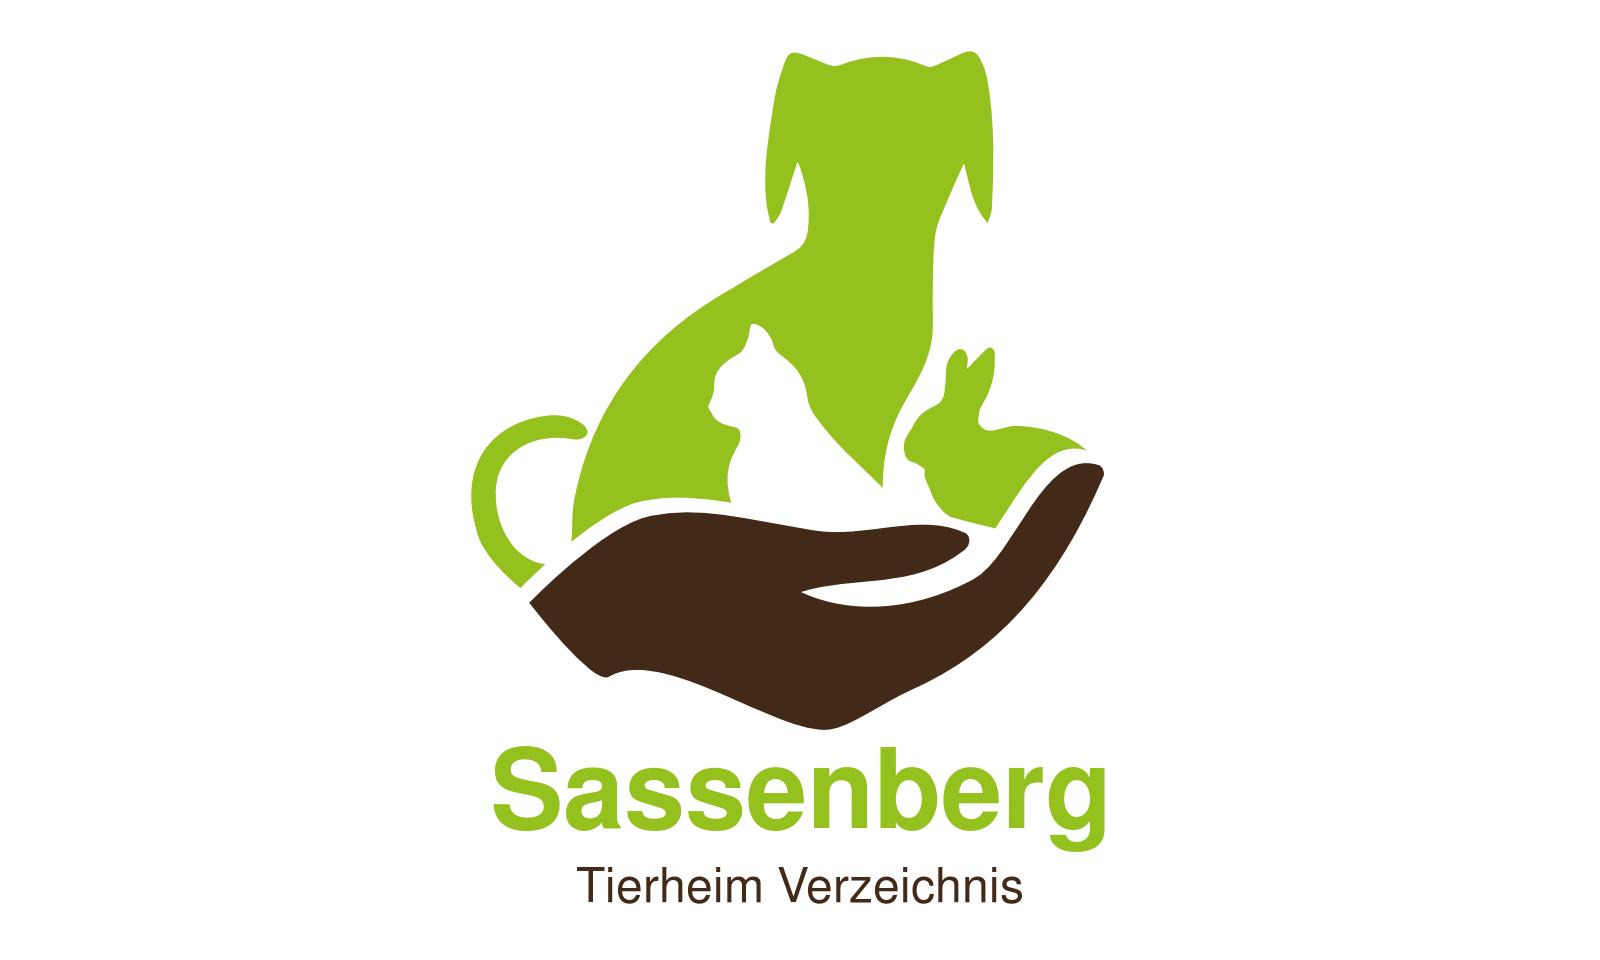 Tierheim Sassenberg